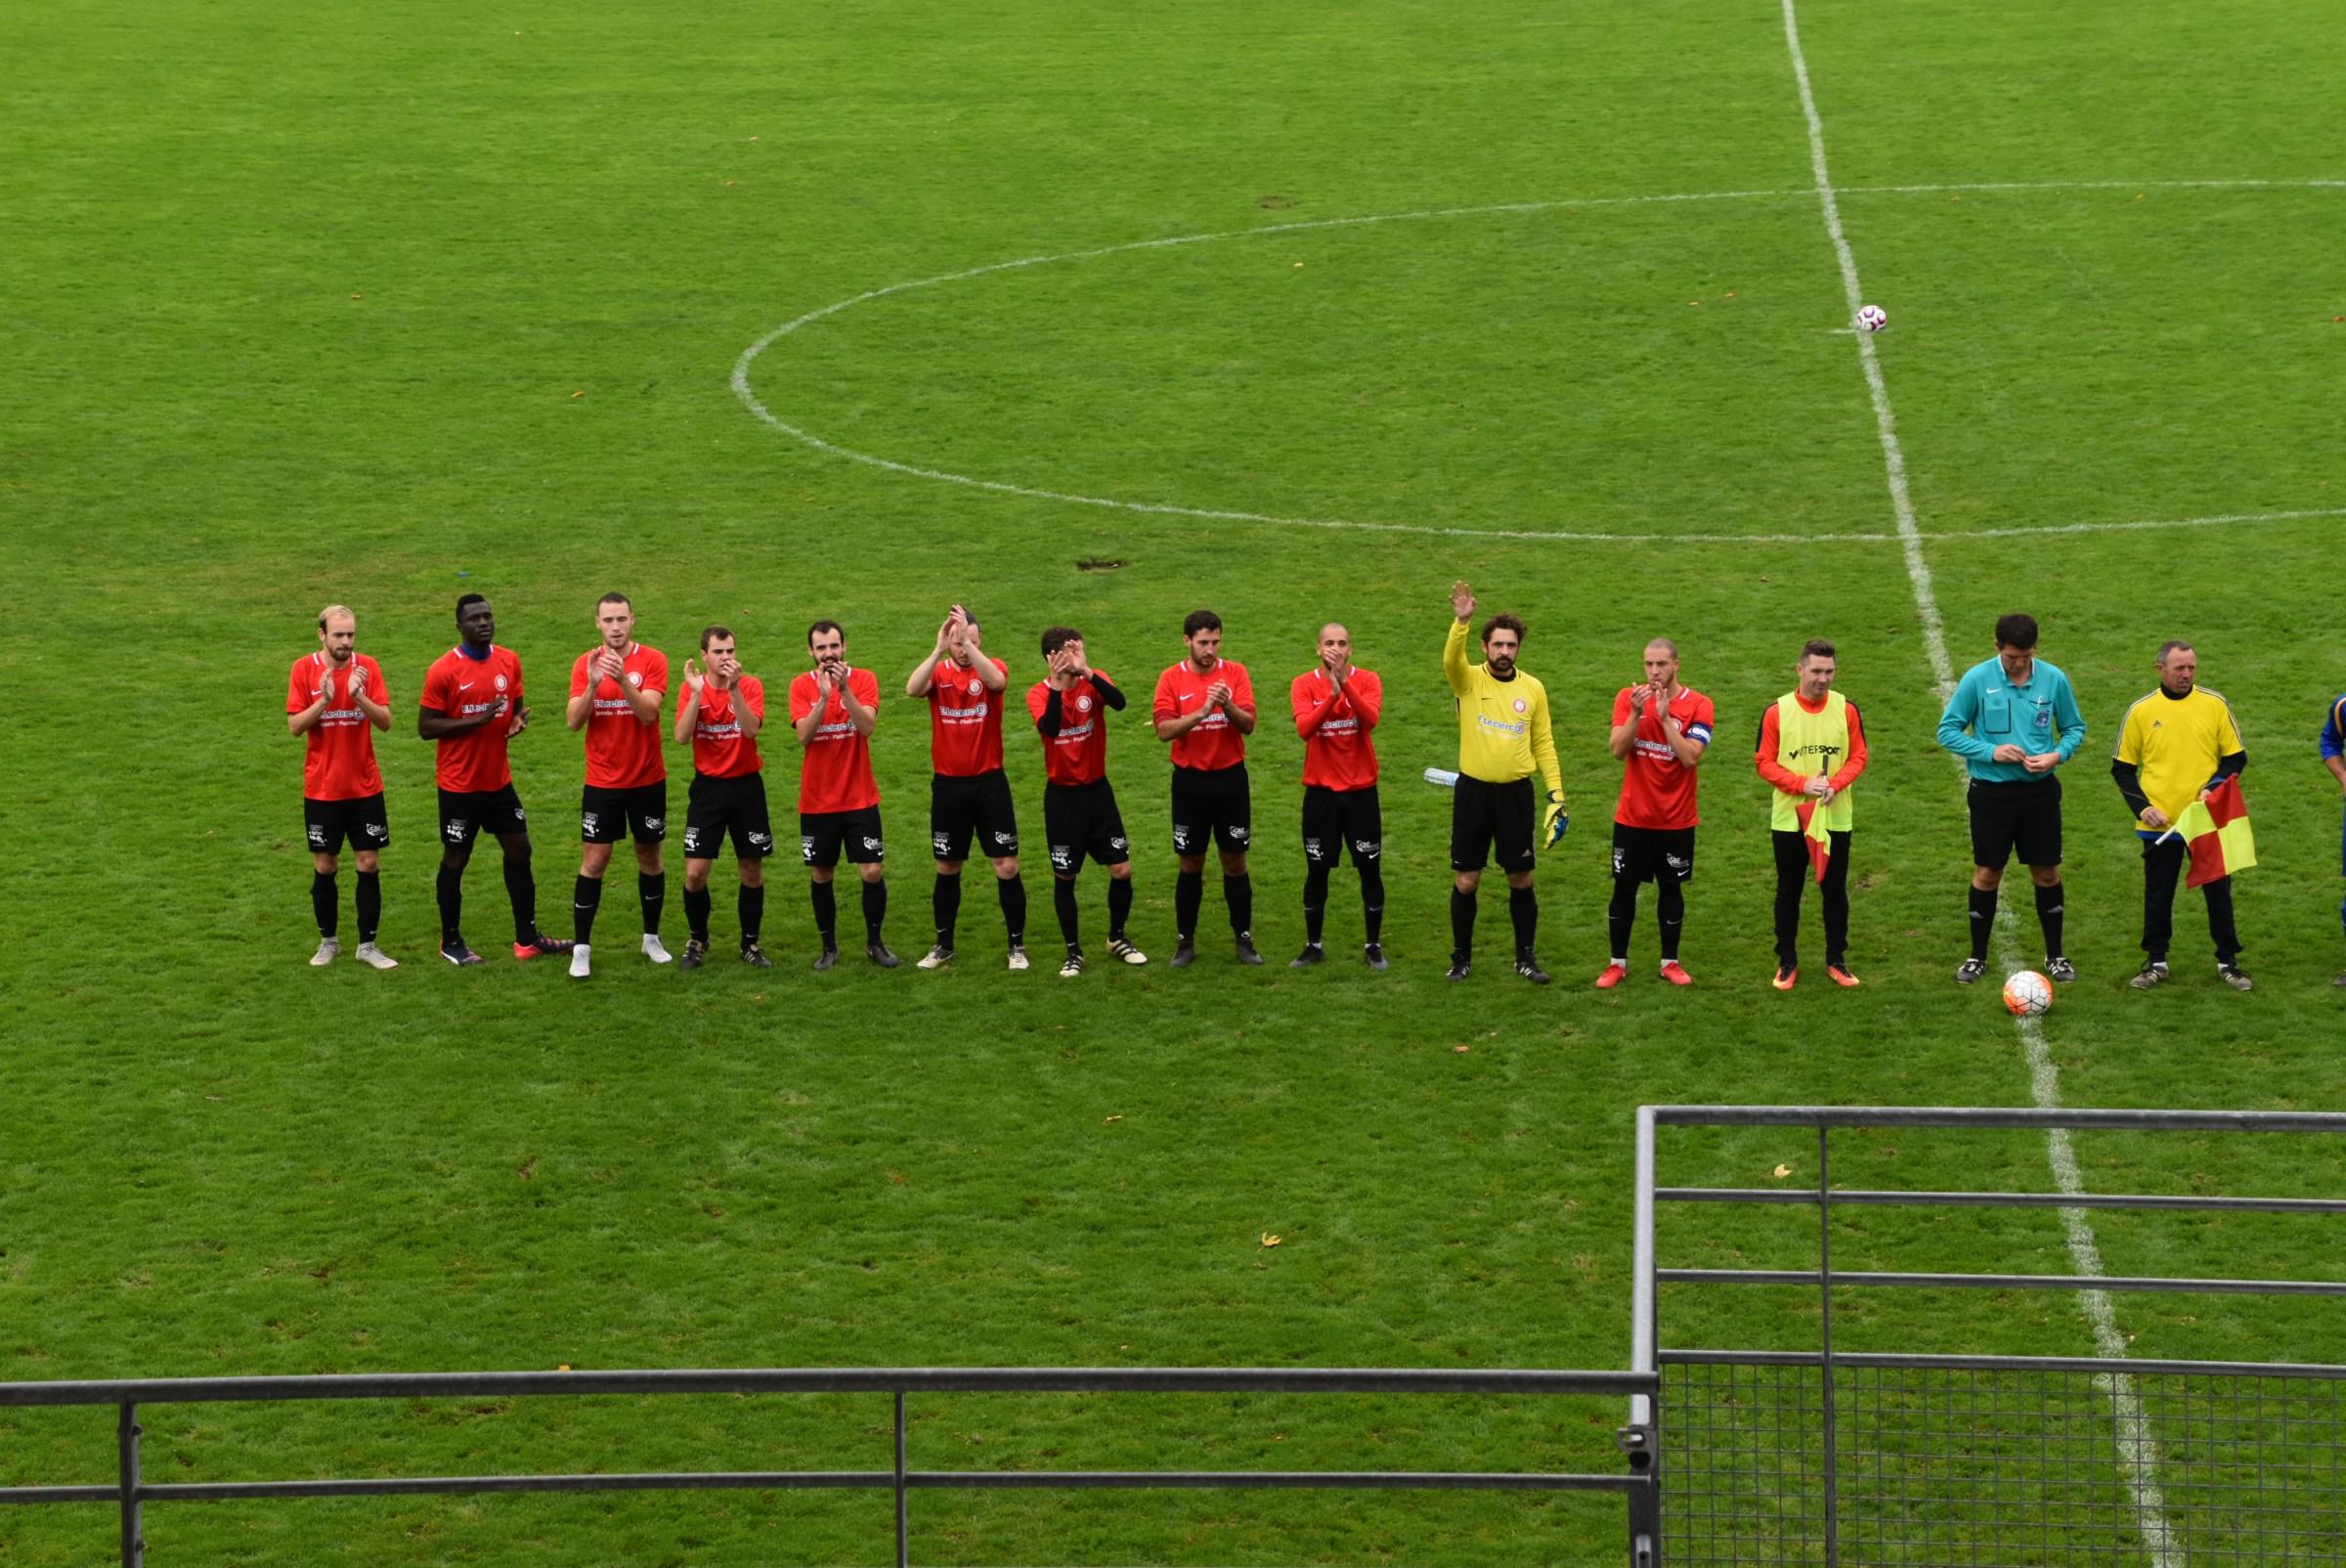 Les 11 joueurs titulaires : CS josselinais - Indépendante Mauron